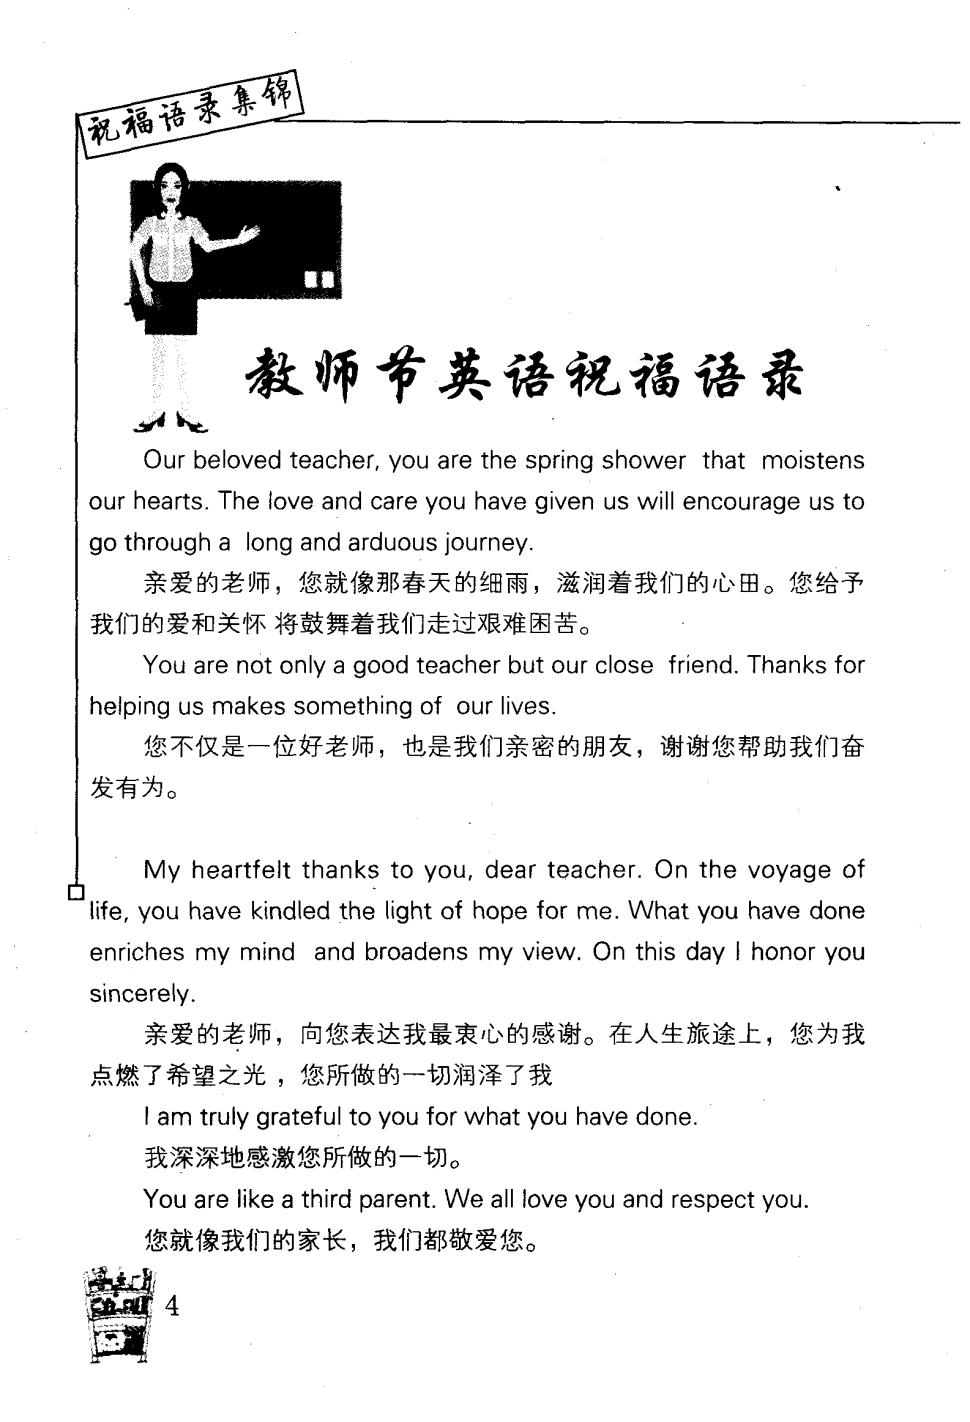 教师节英语祝福语录